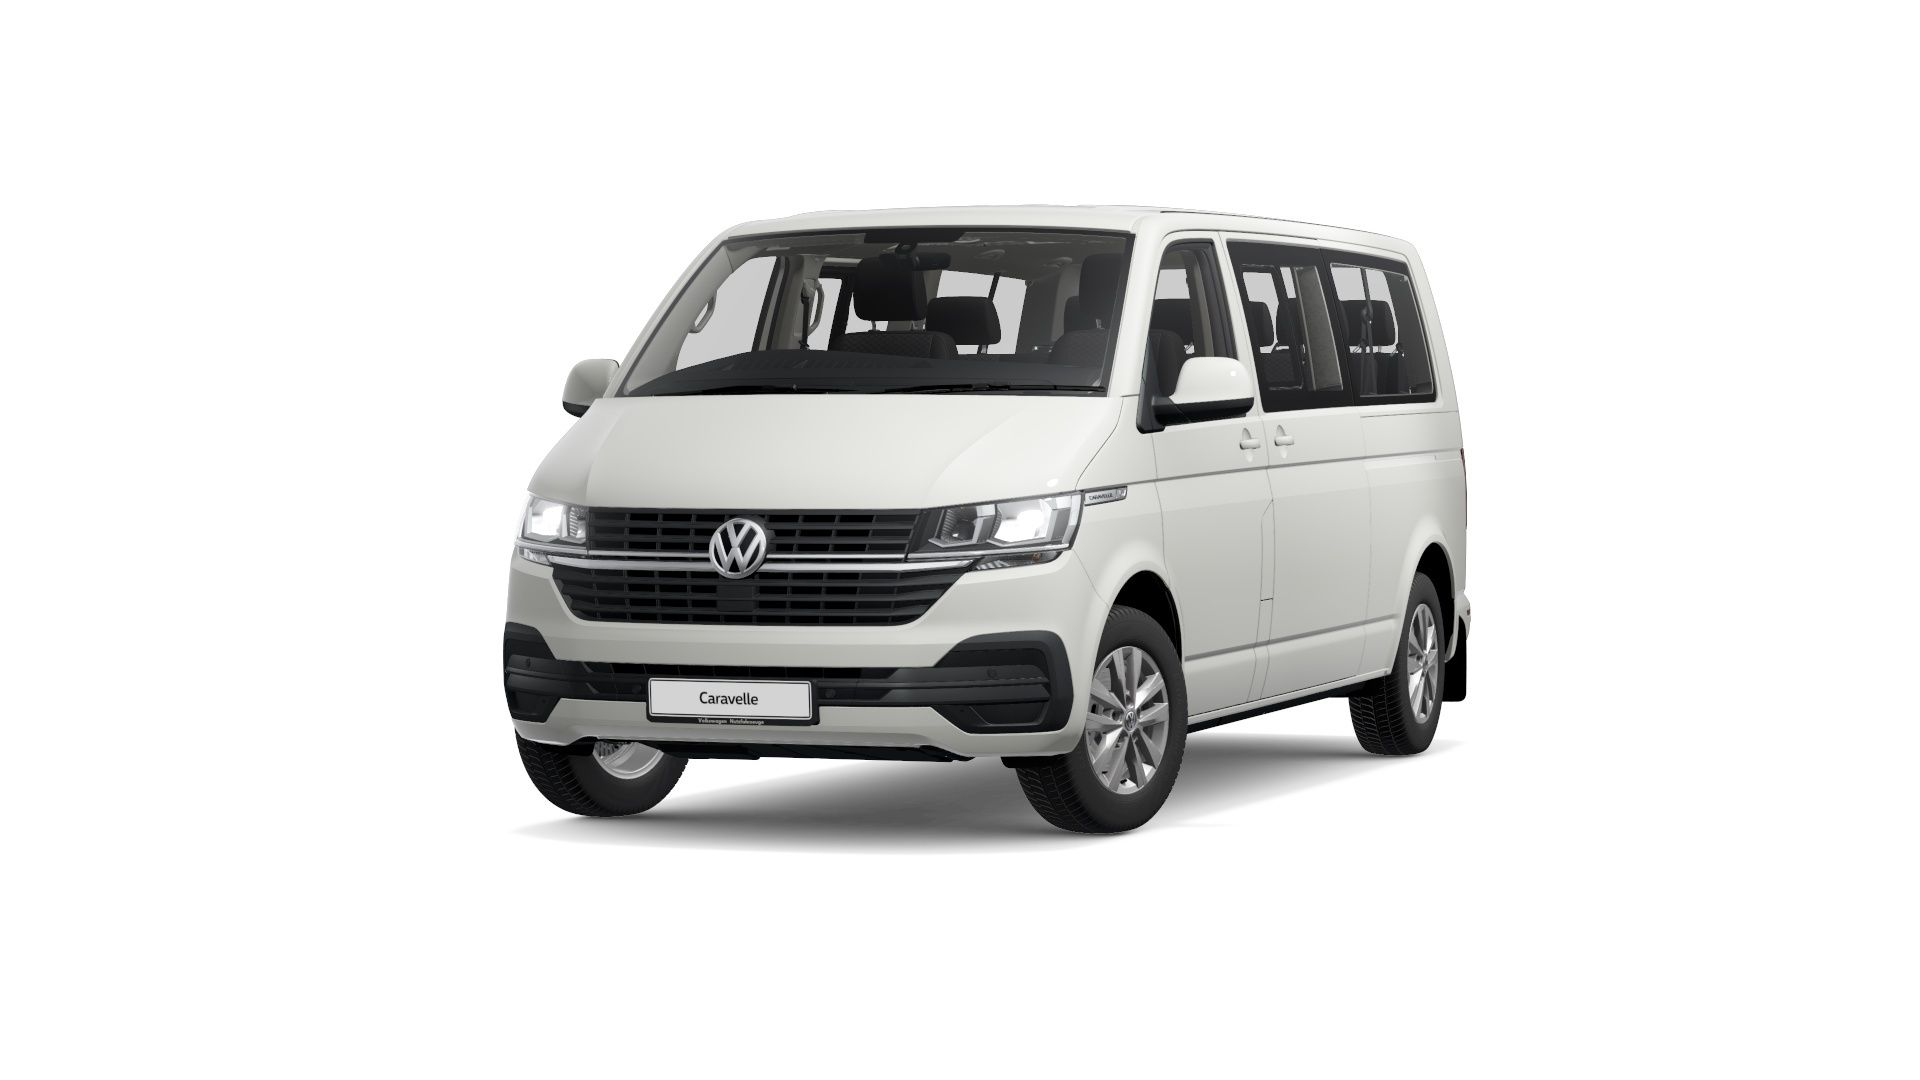 2020 Volkswagen Caravelle T6.1 TDI340 Trendline 9 seater van